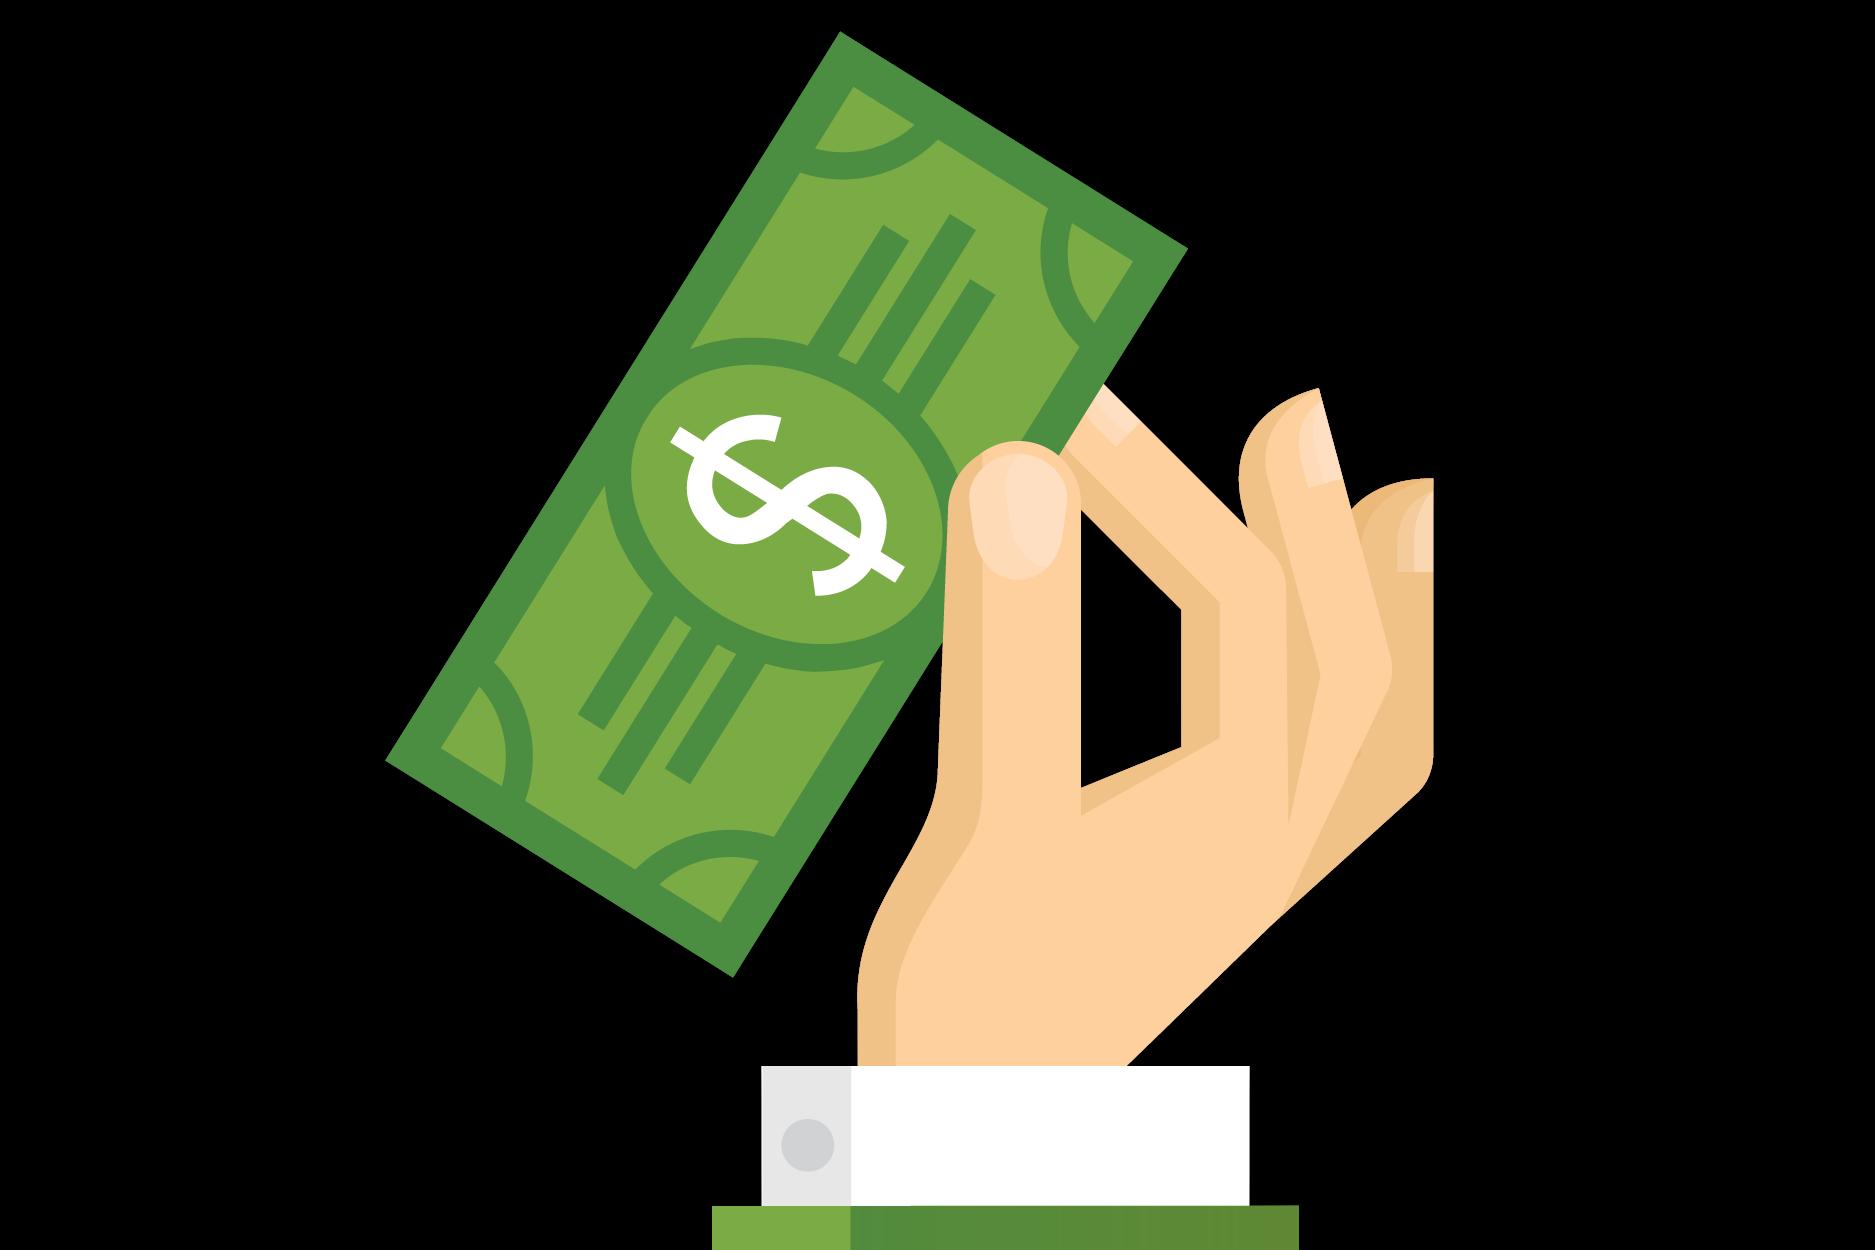 moneyinhand_web-01